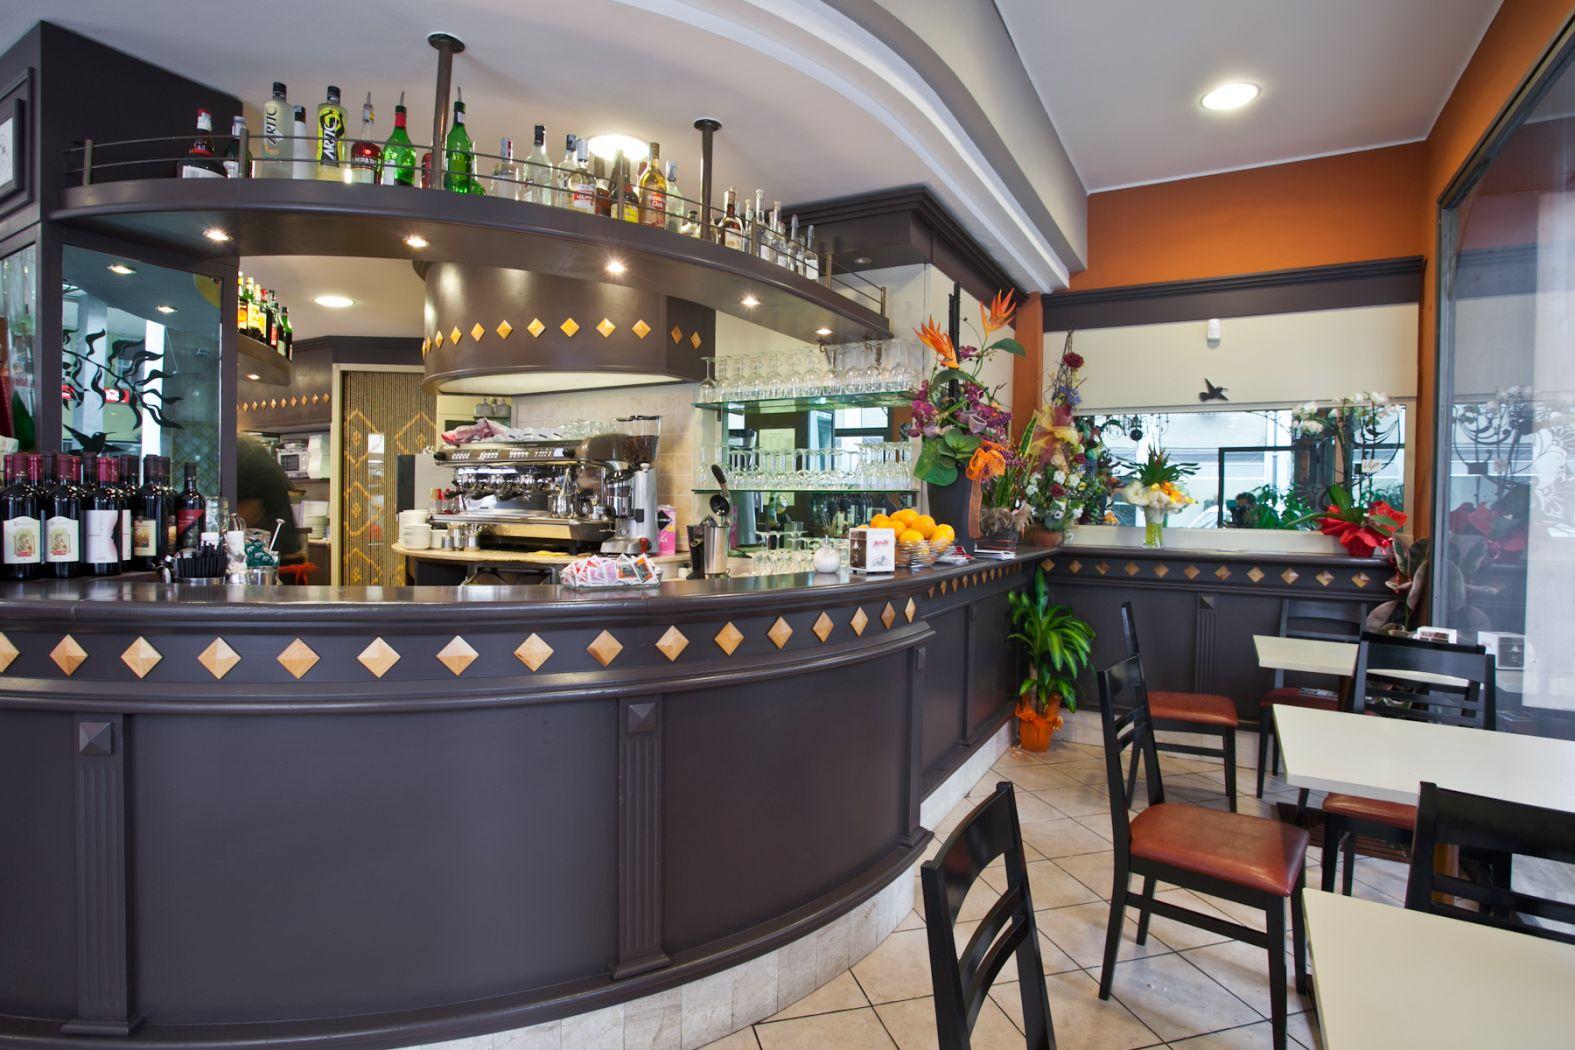 Arredamenti esterni per bar esterno per bar decorazione for Arredamenti bar prezzi